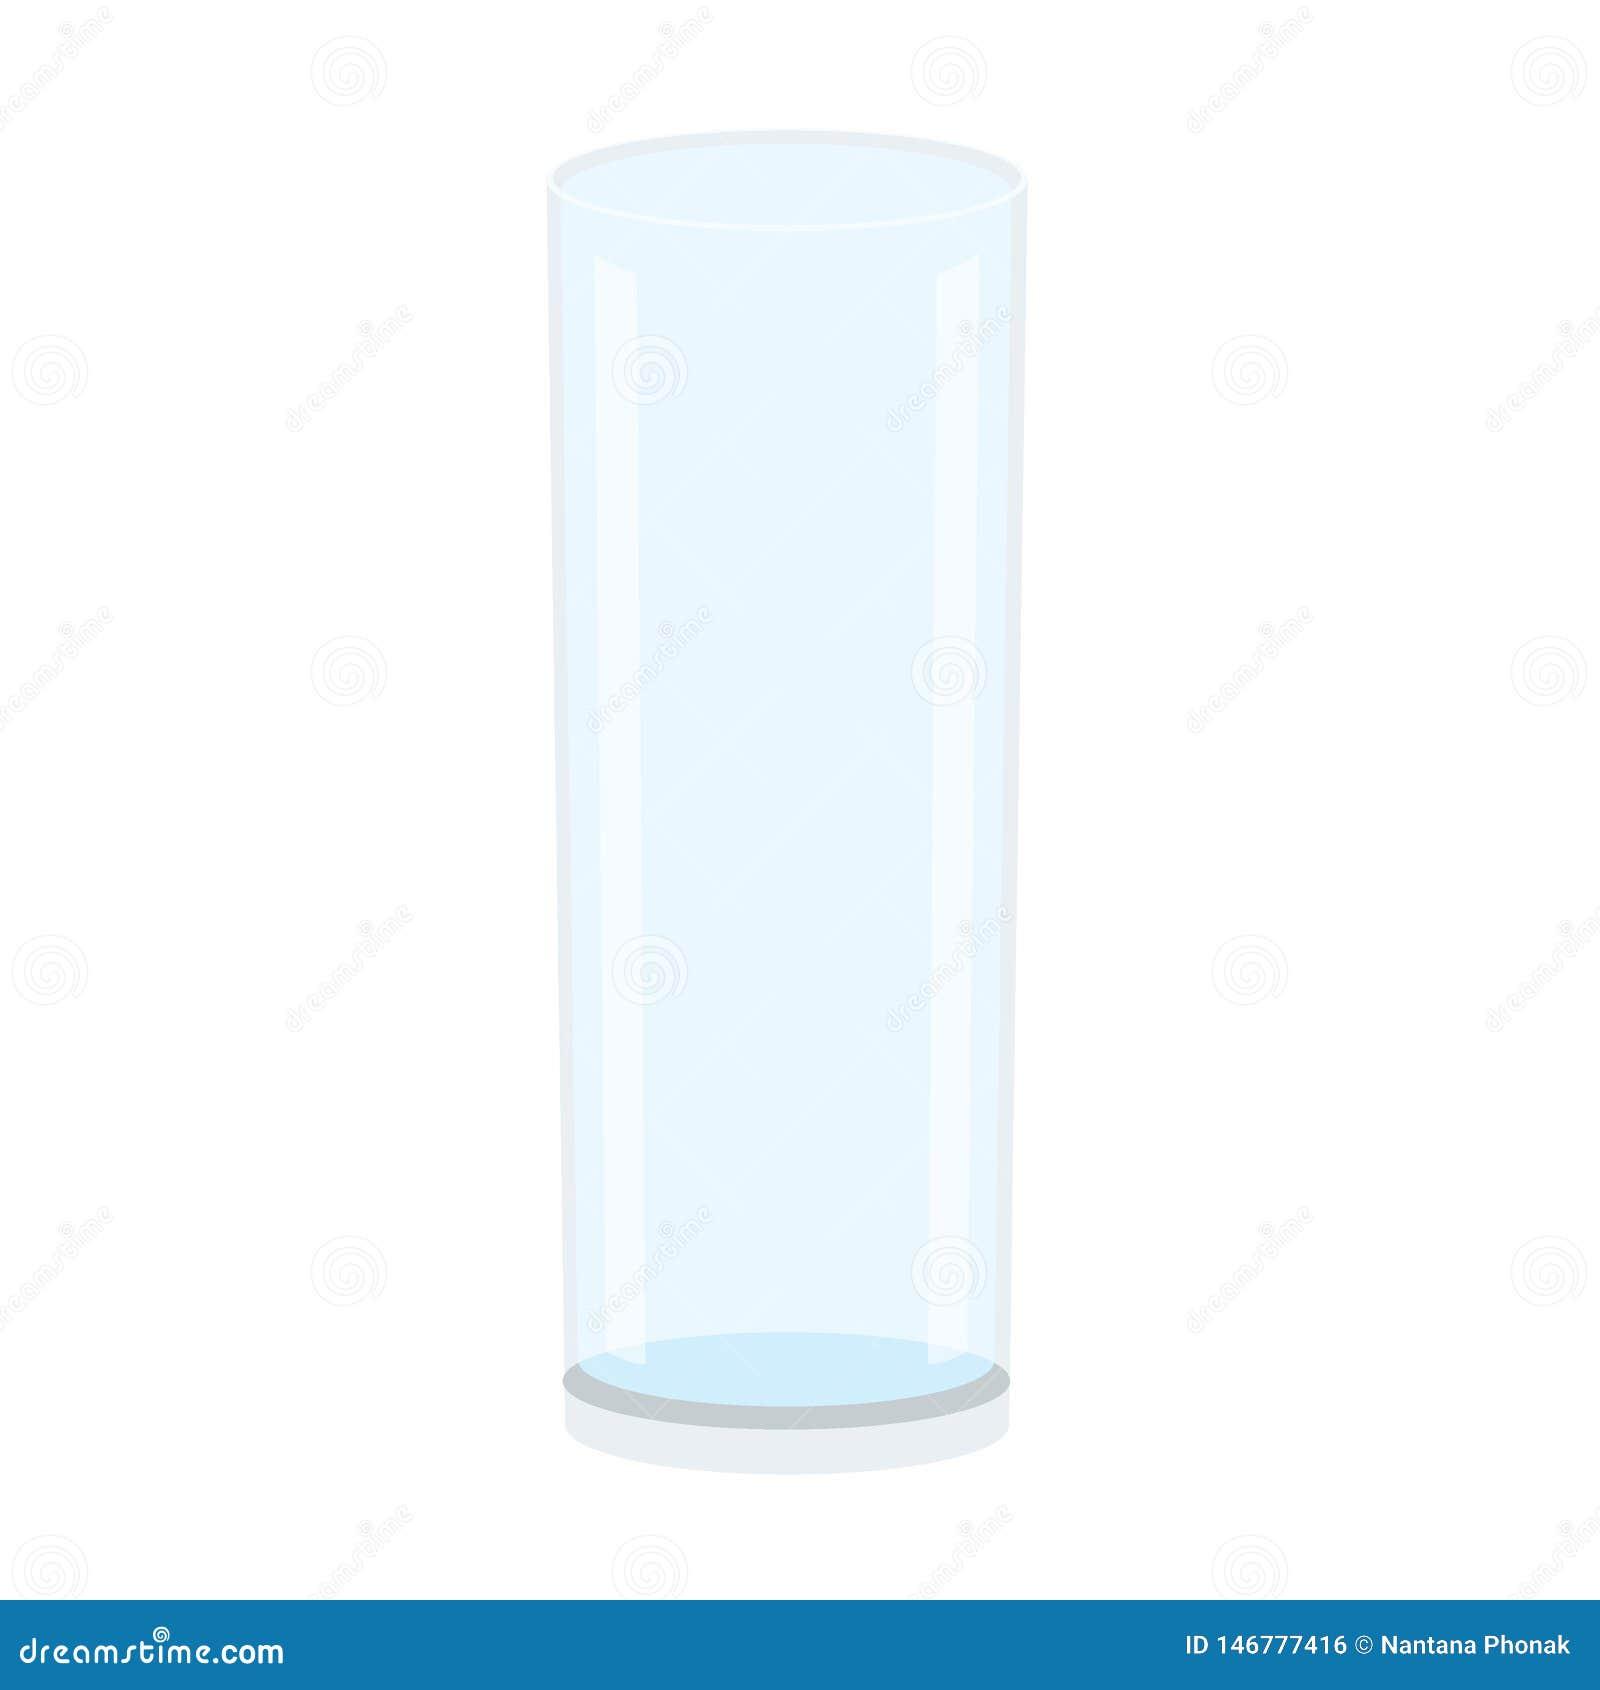 Blau, weiß, grau, klar, transparent, hell, Getränk, Glas, Wasser, Mineralwasser, kaltes Wasser, Heißwasser, Schale, Hintergrund,